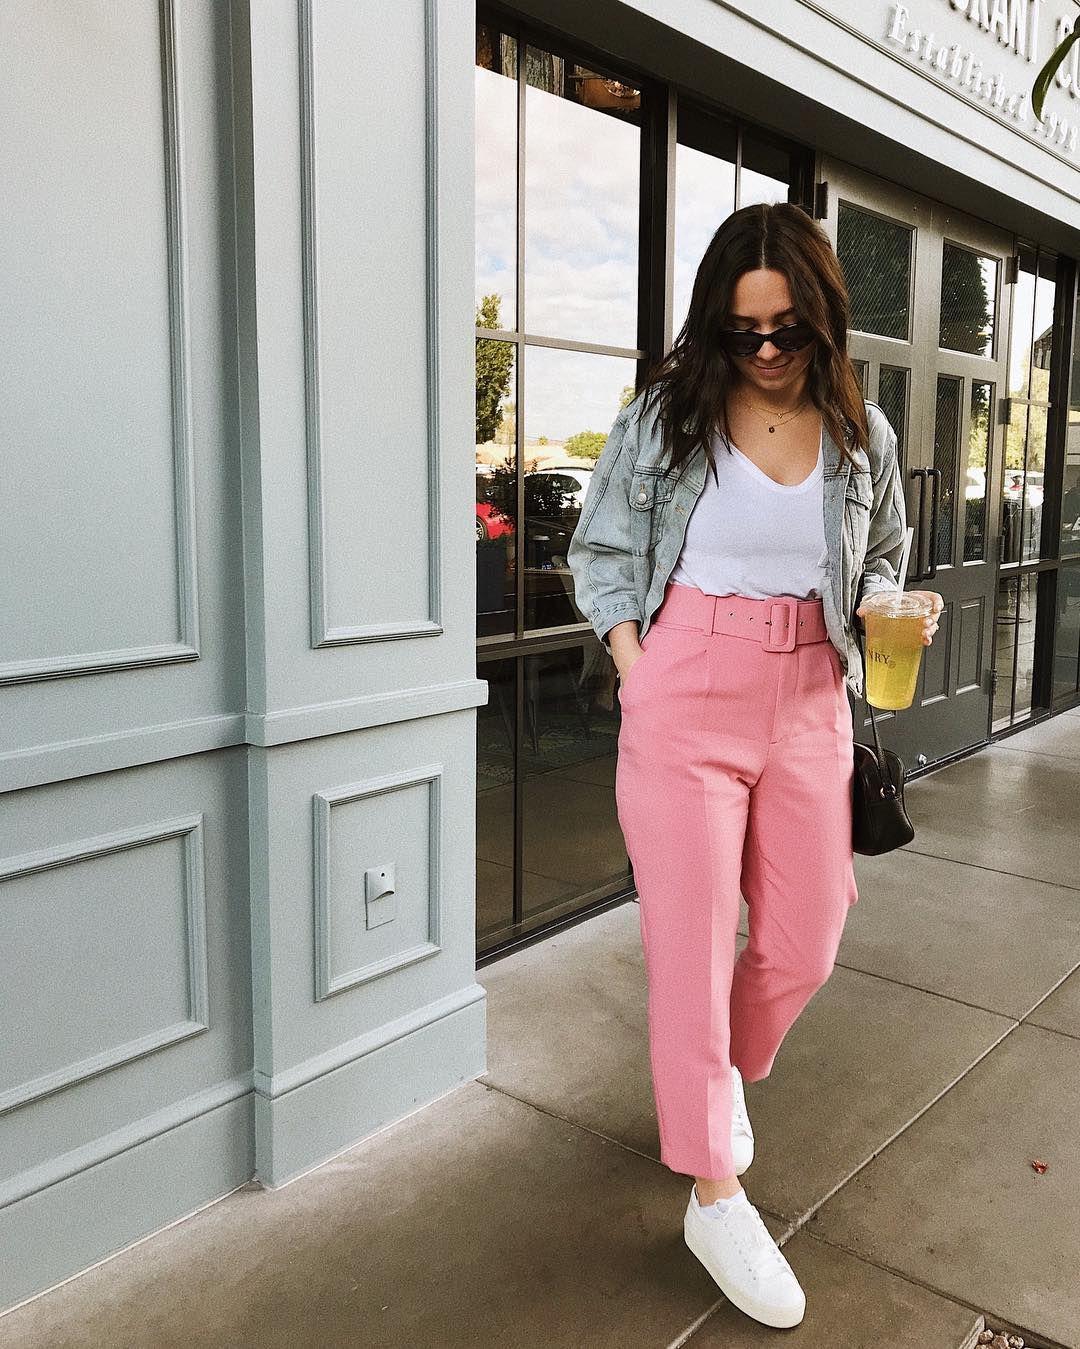 Estos Son Los Pantalones De Zara Que Estan Arrasando En Instagram Ropa De Moda Moda De Ropa Pantalones De Vestir Mujer